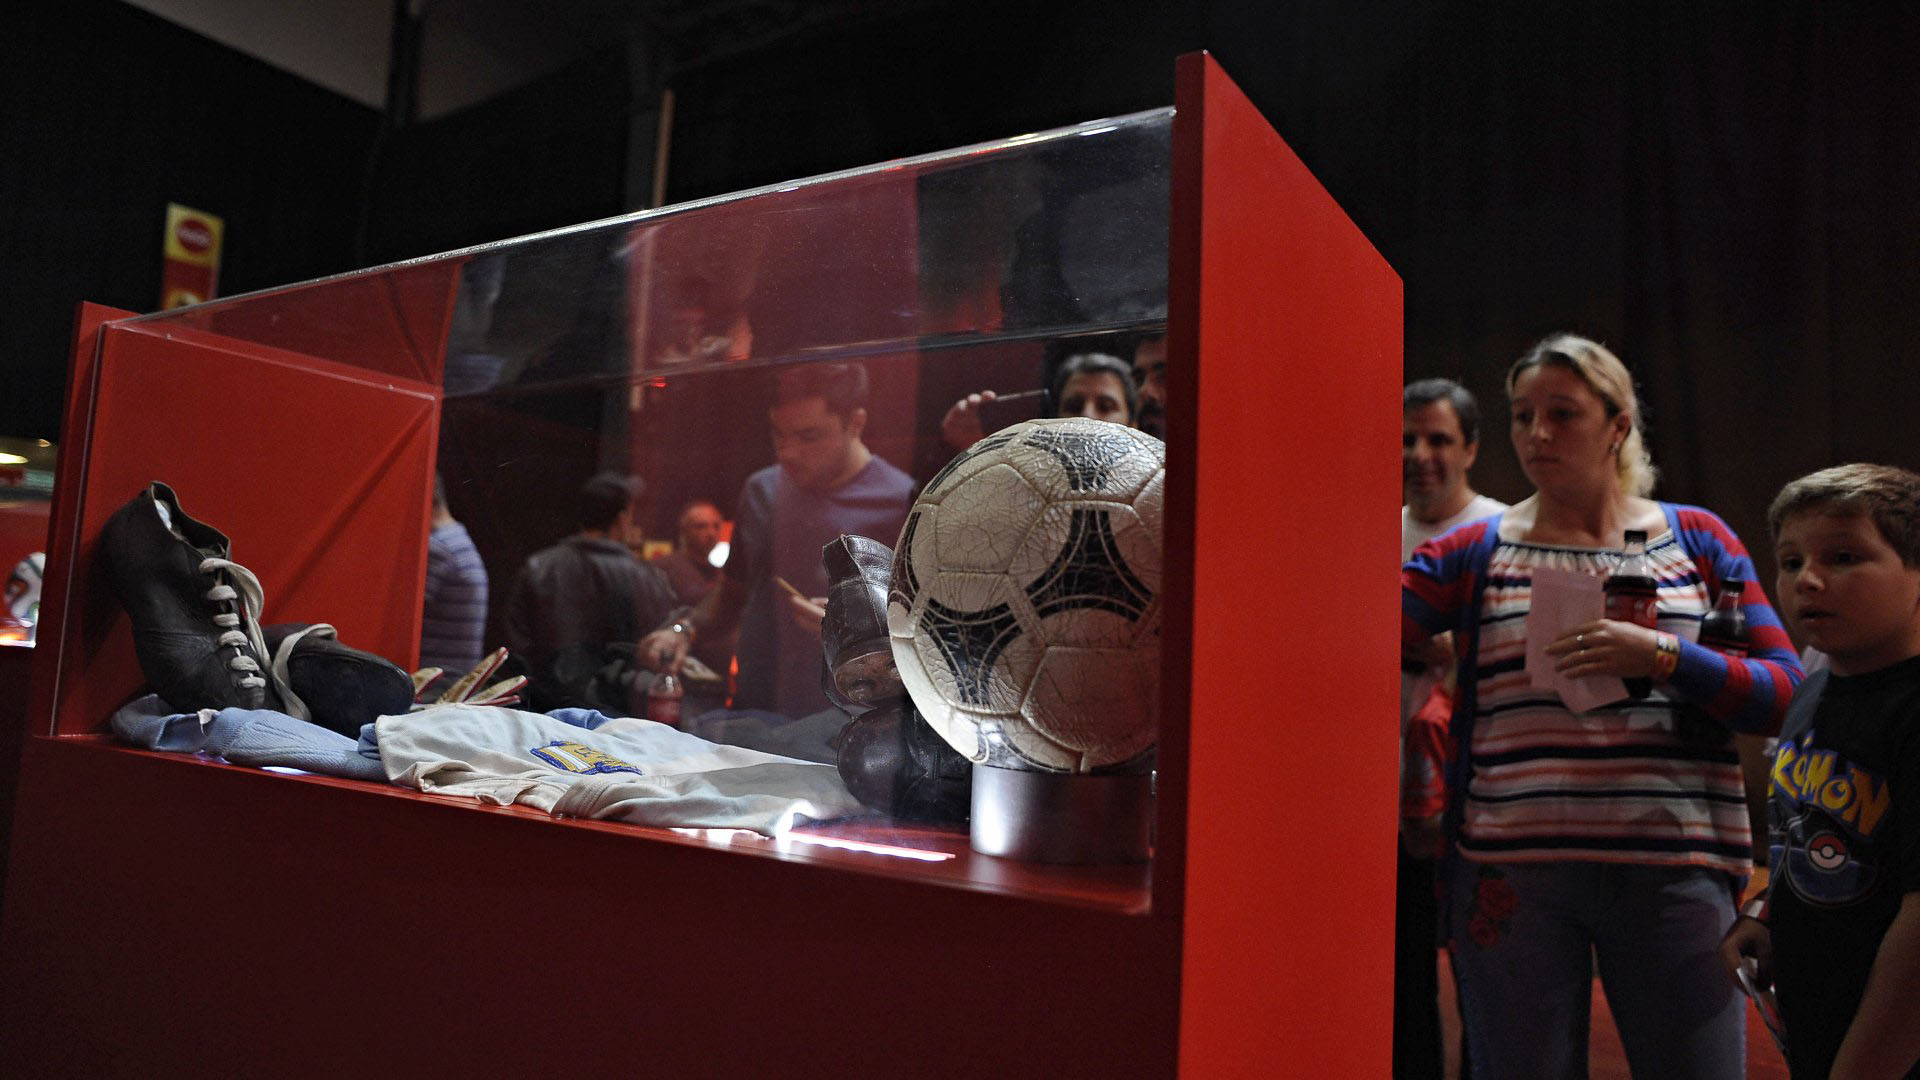 Los hinchas argentinos pudieron revivir momentos históricos de la Selección (Patricio Murphy)